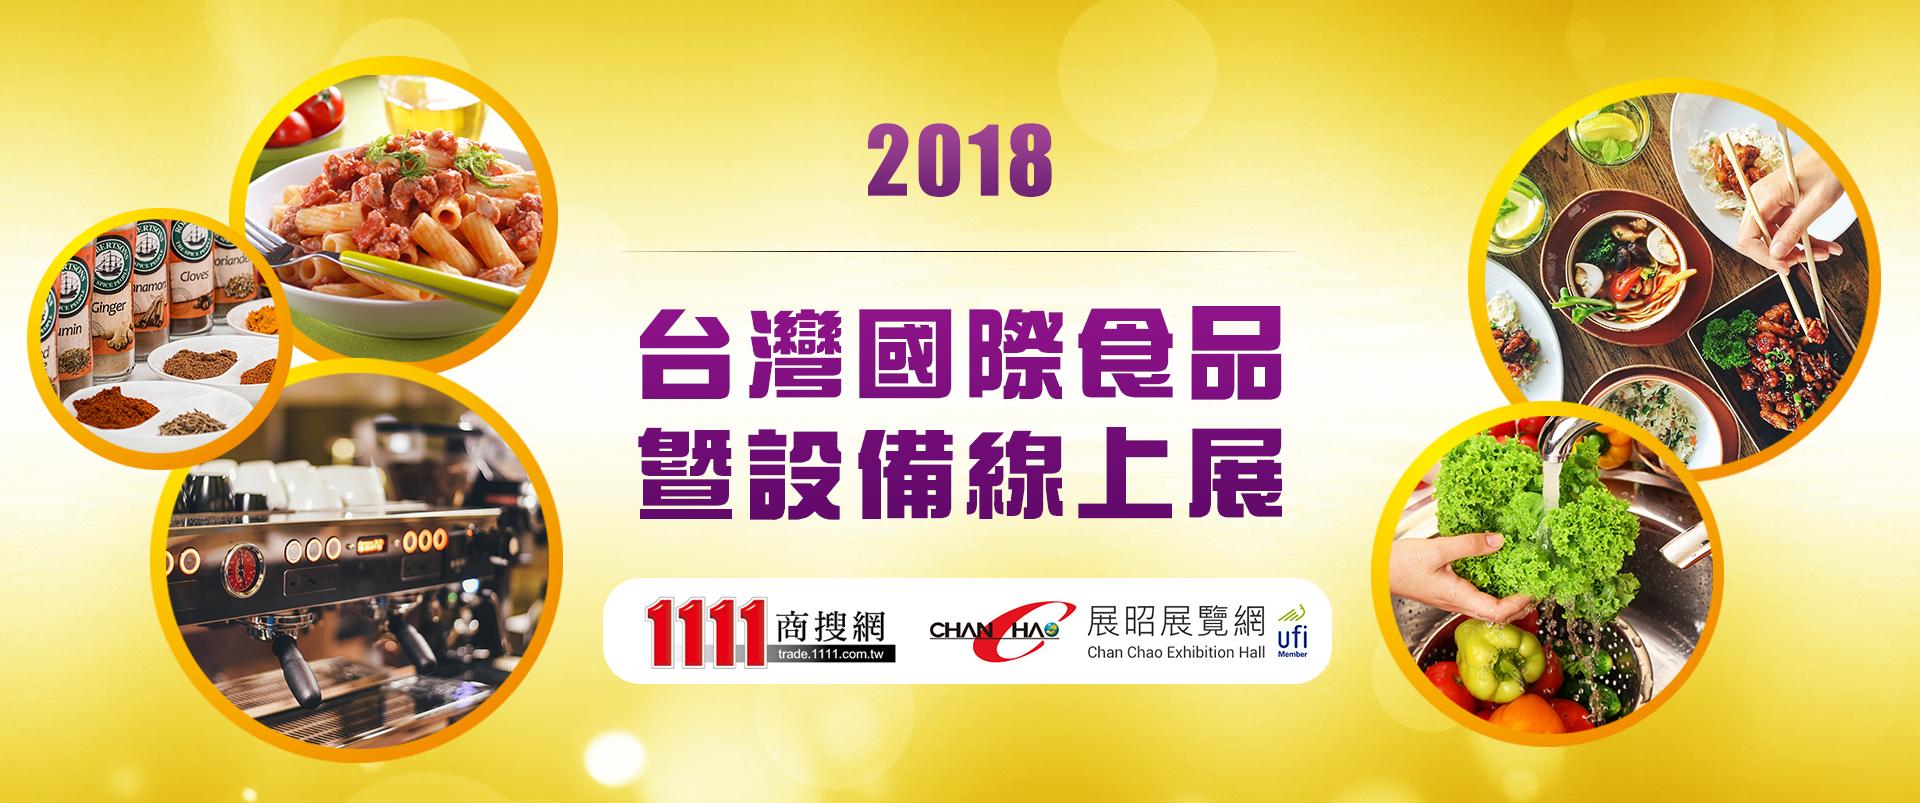 2018 台灣國際食品暨設備線上展